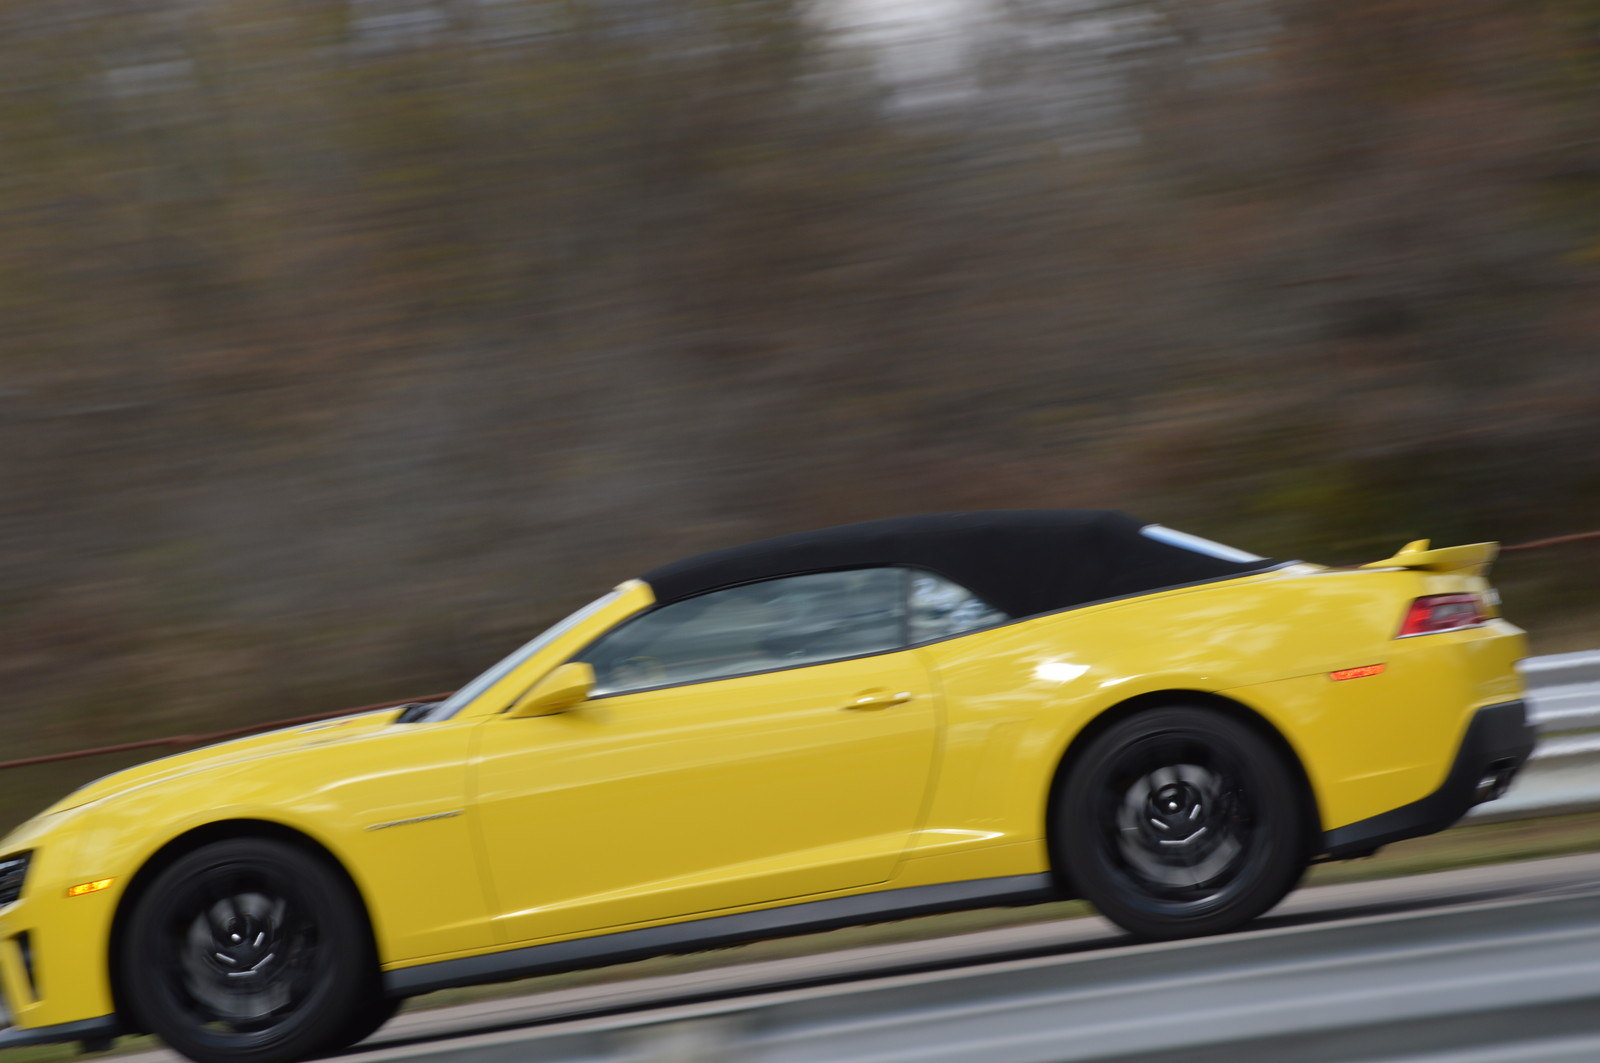 Cruze chevy cruze 0-60 : Camaro » 2014 Chevrolet Camaro 0 60 - Old Chevy Photos Collection ...